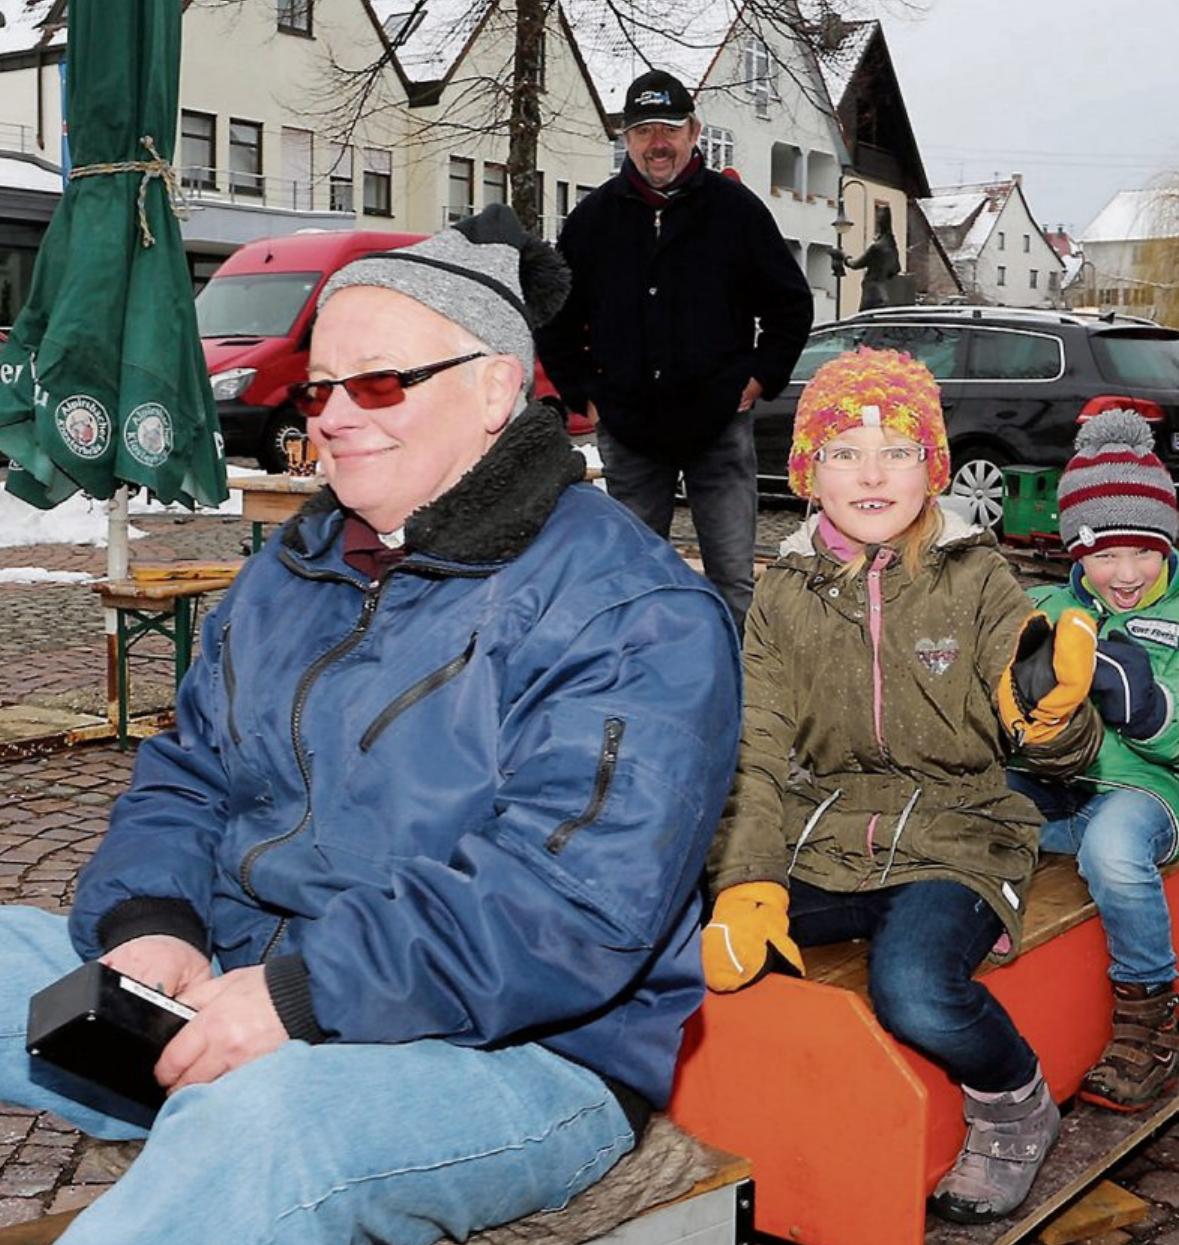 """Die jüngeren Besucher haben viel Spaß bei einer Rundfahrt mit der """"Eisenbahn"""" auf dem Marktplatz."""